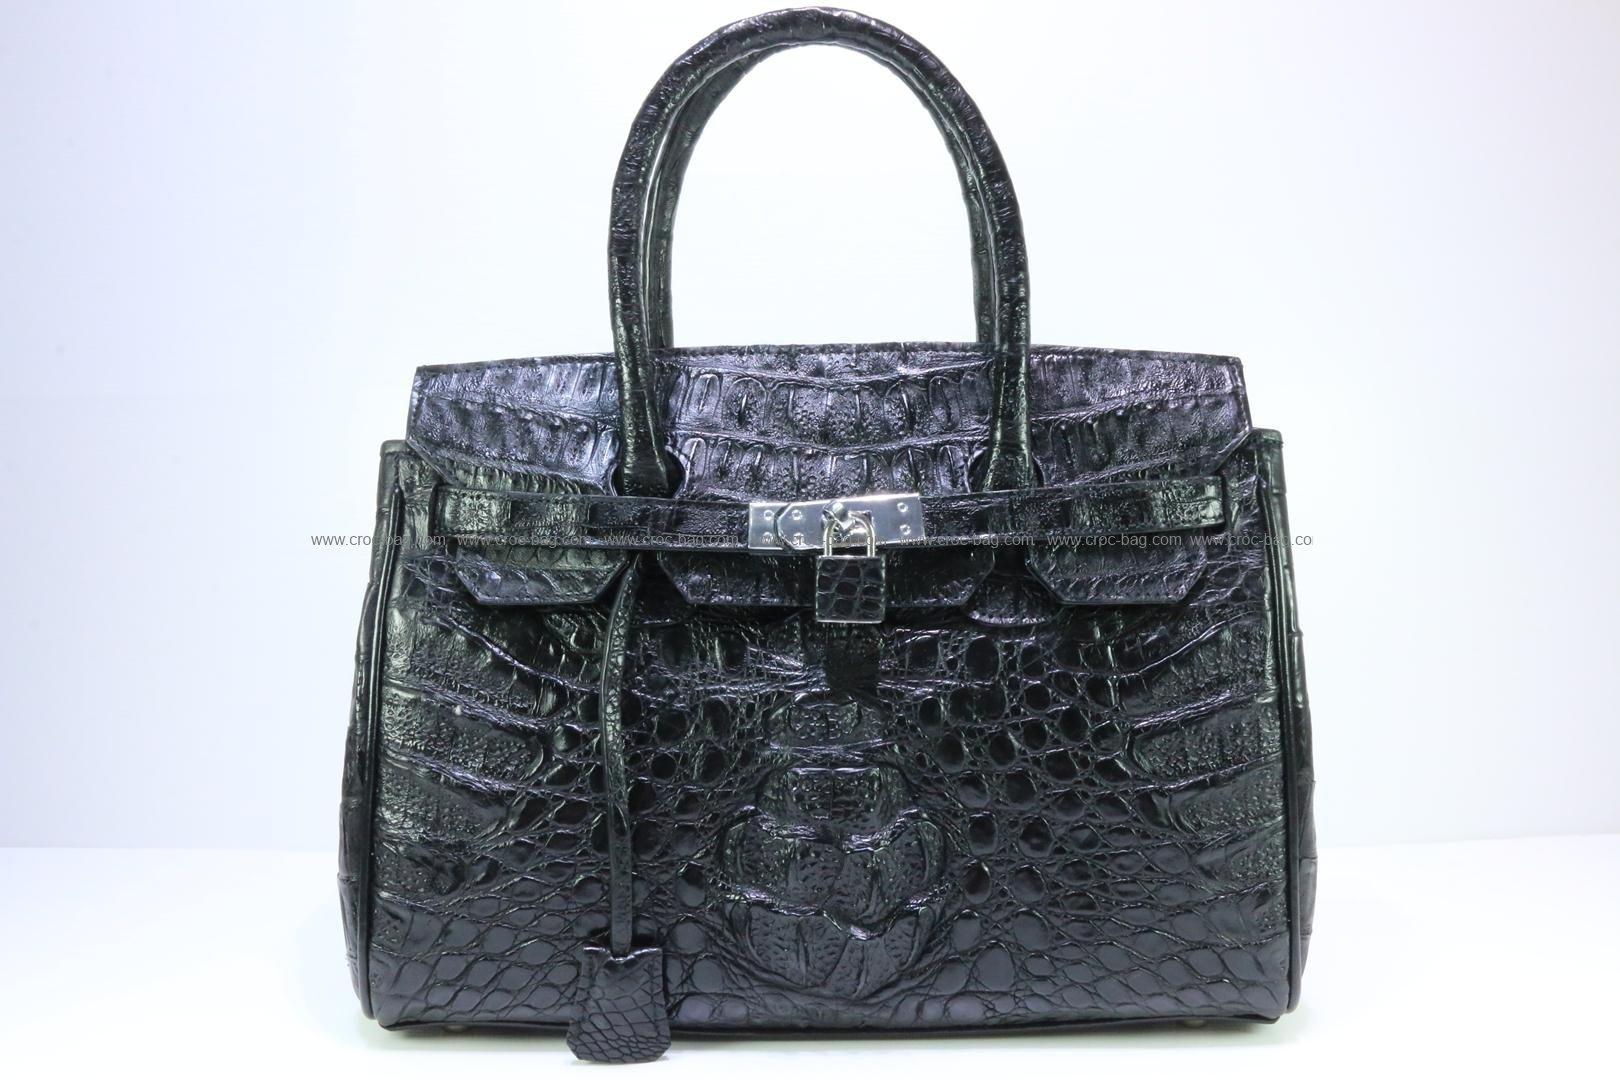 กระเป๋าถือหนังจระเข้สำหรับคุณผู้หญิง 816